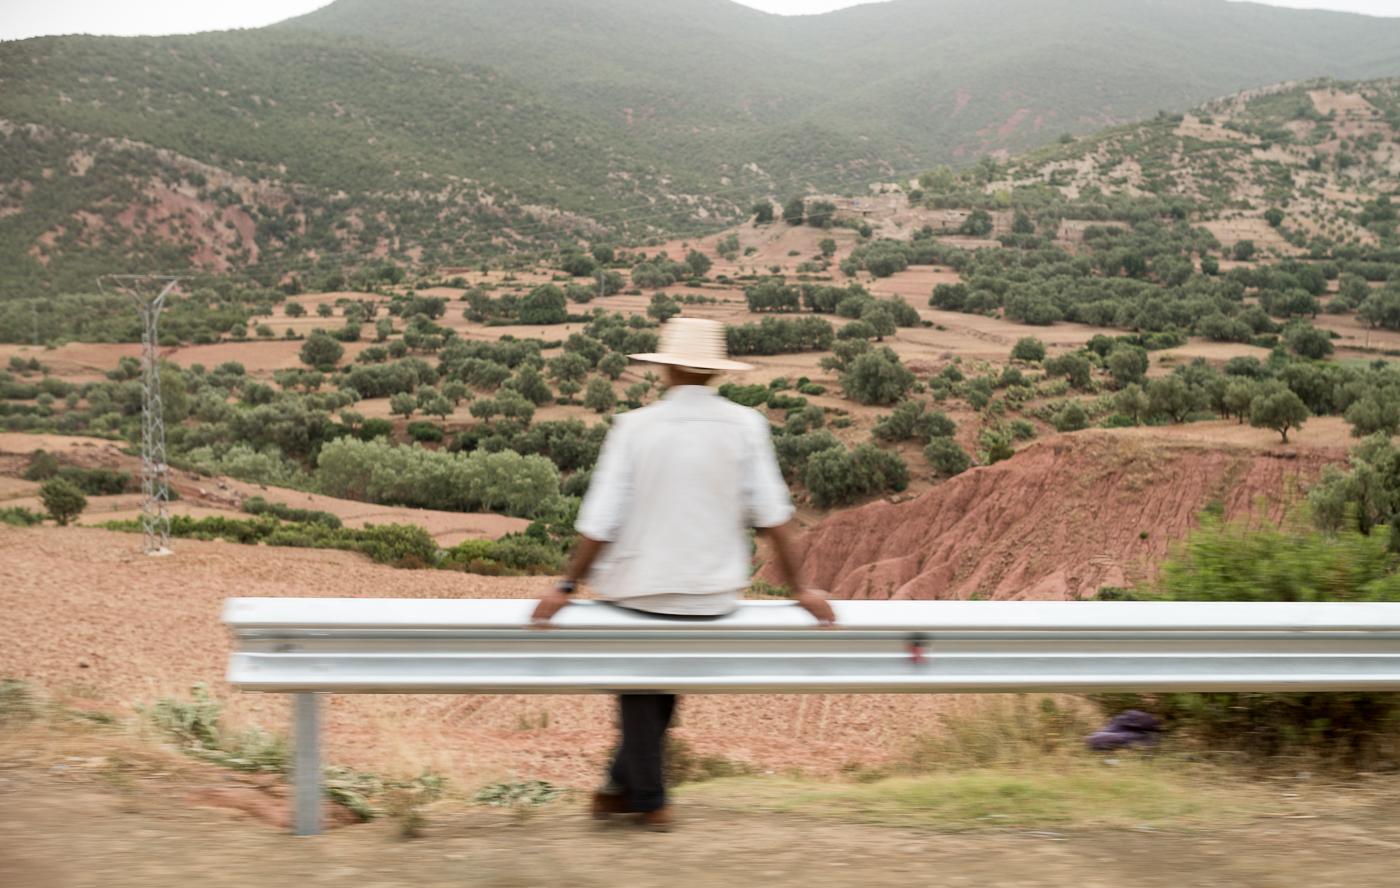 philipp schäbler marokko marrakesch essaouira-8325.jpg